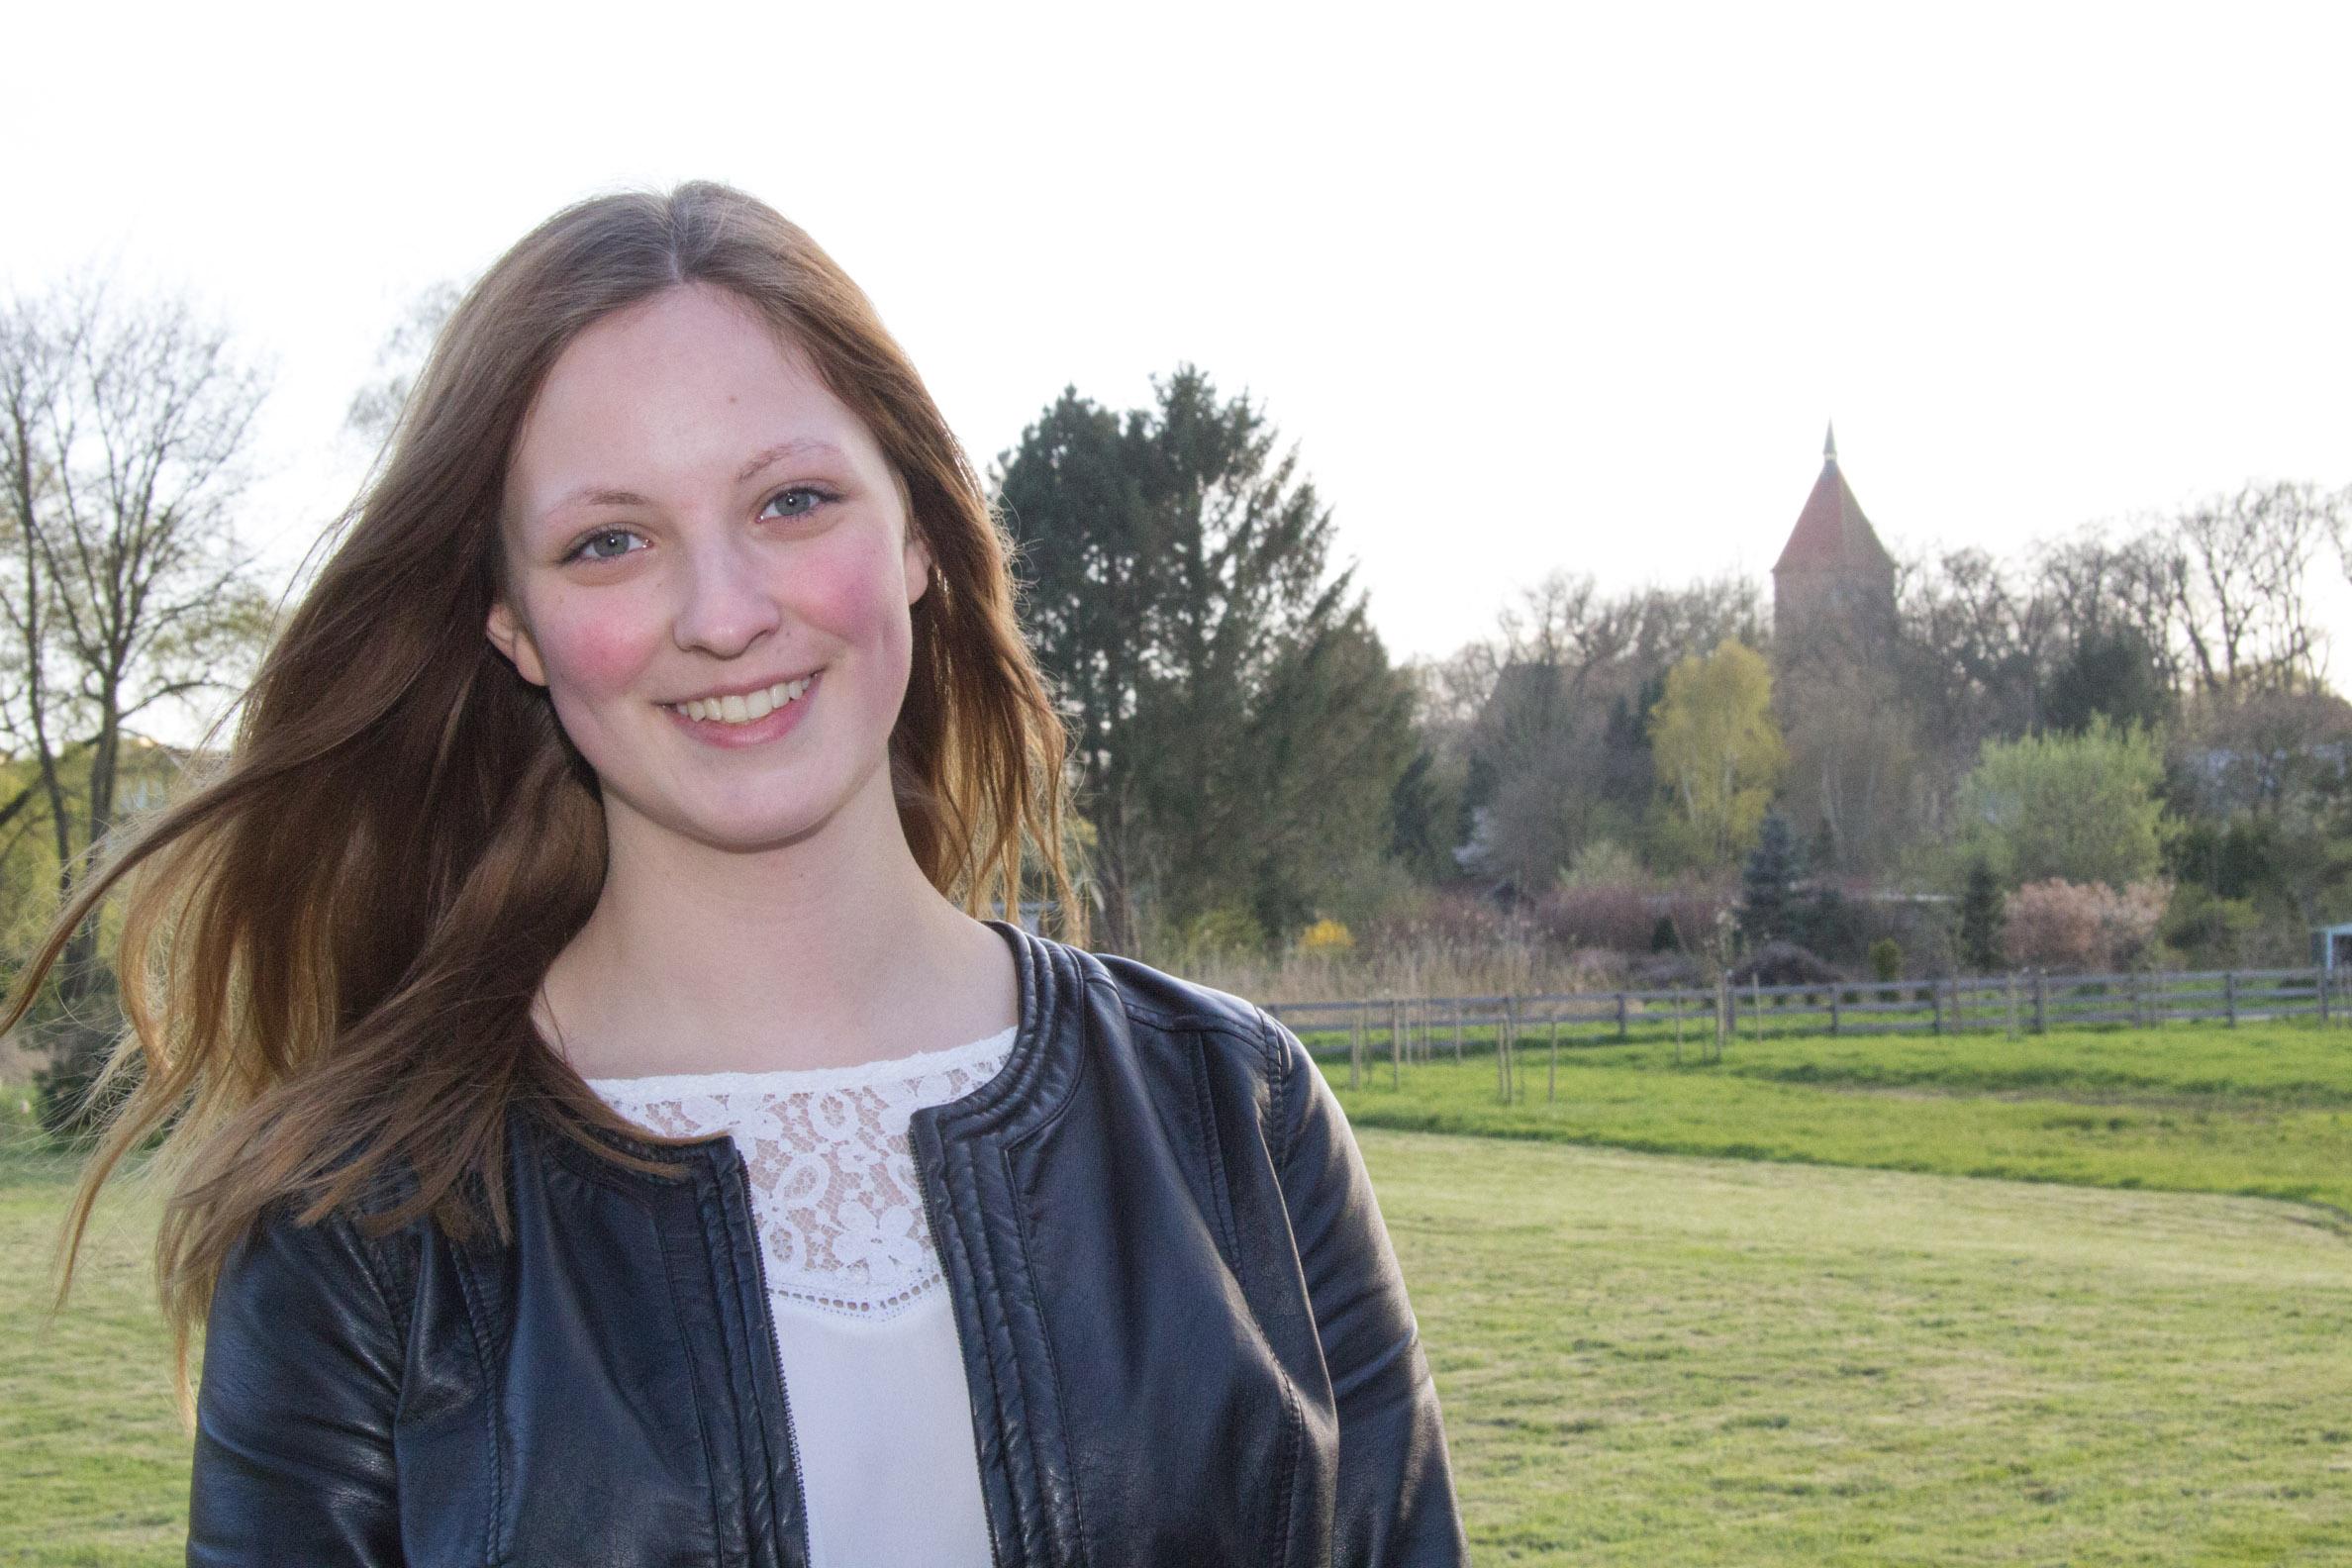 Sabrina Dieckmann